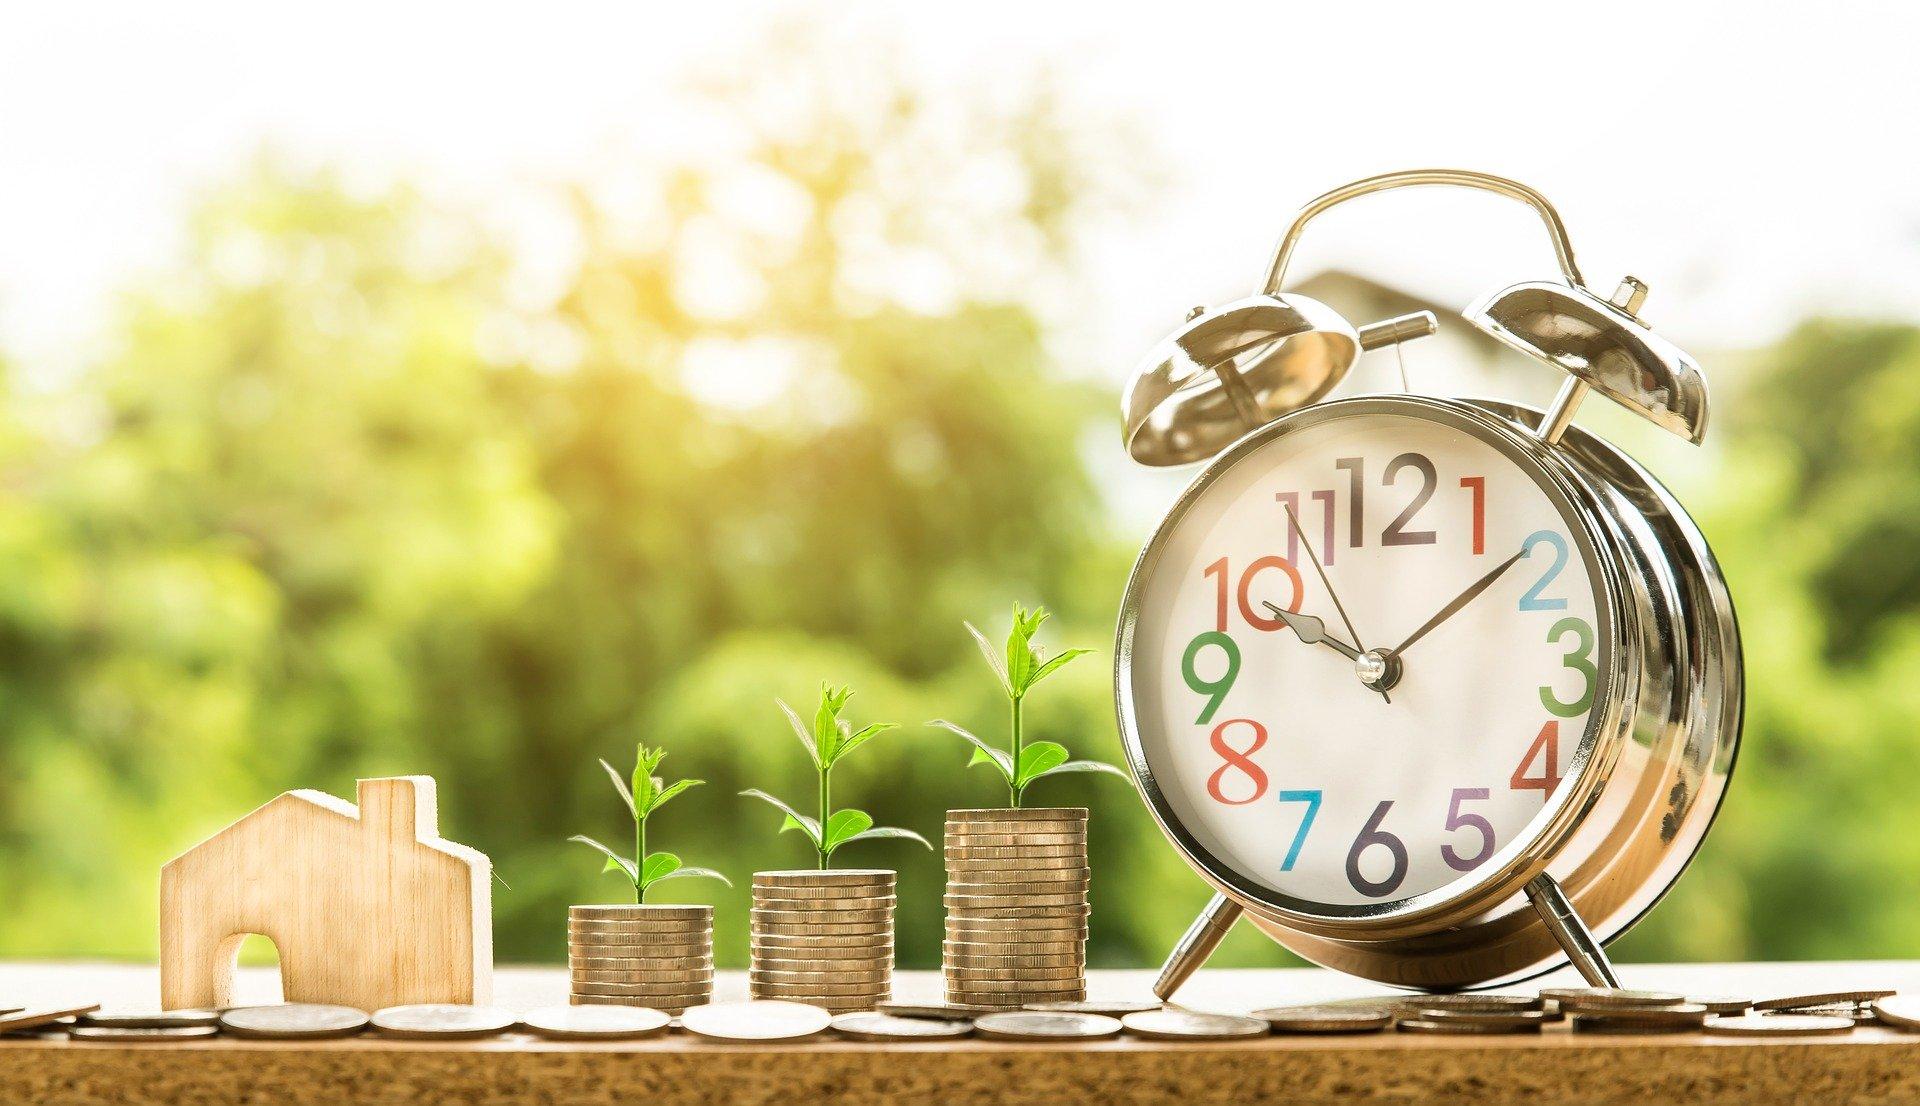 Fim das moratórias à vista: dicas para poupar nas despesas da casa